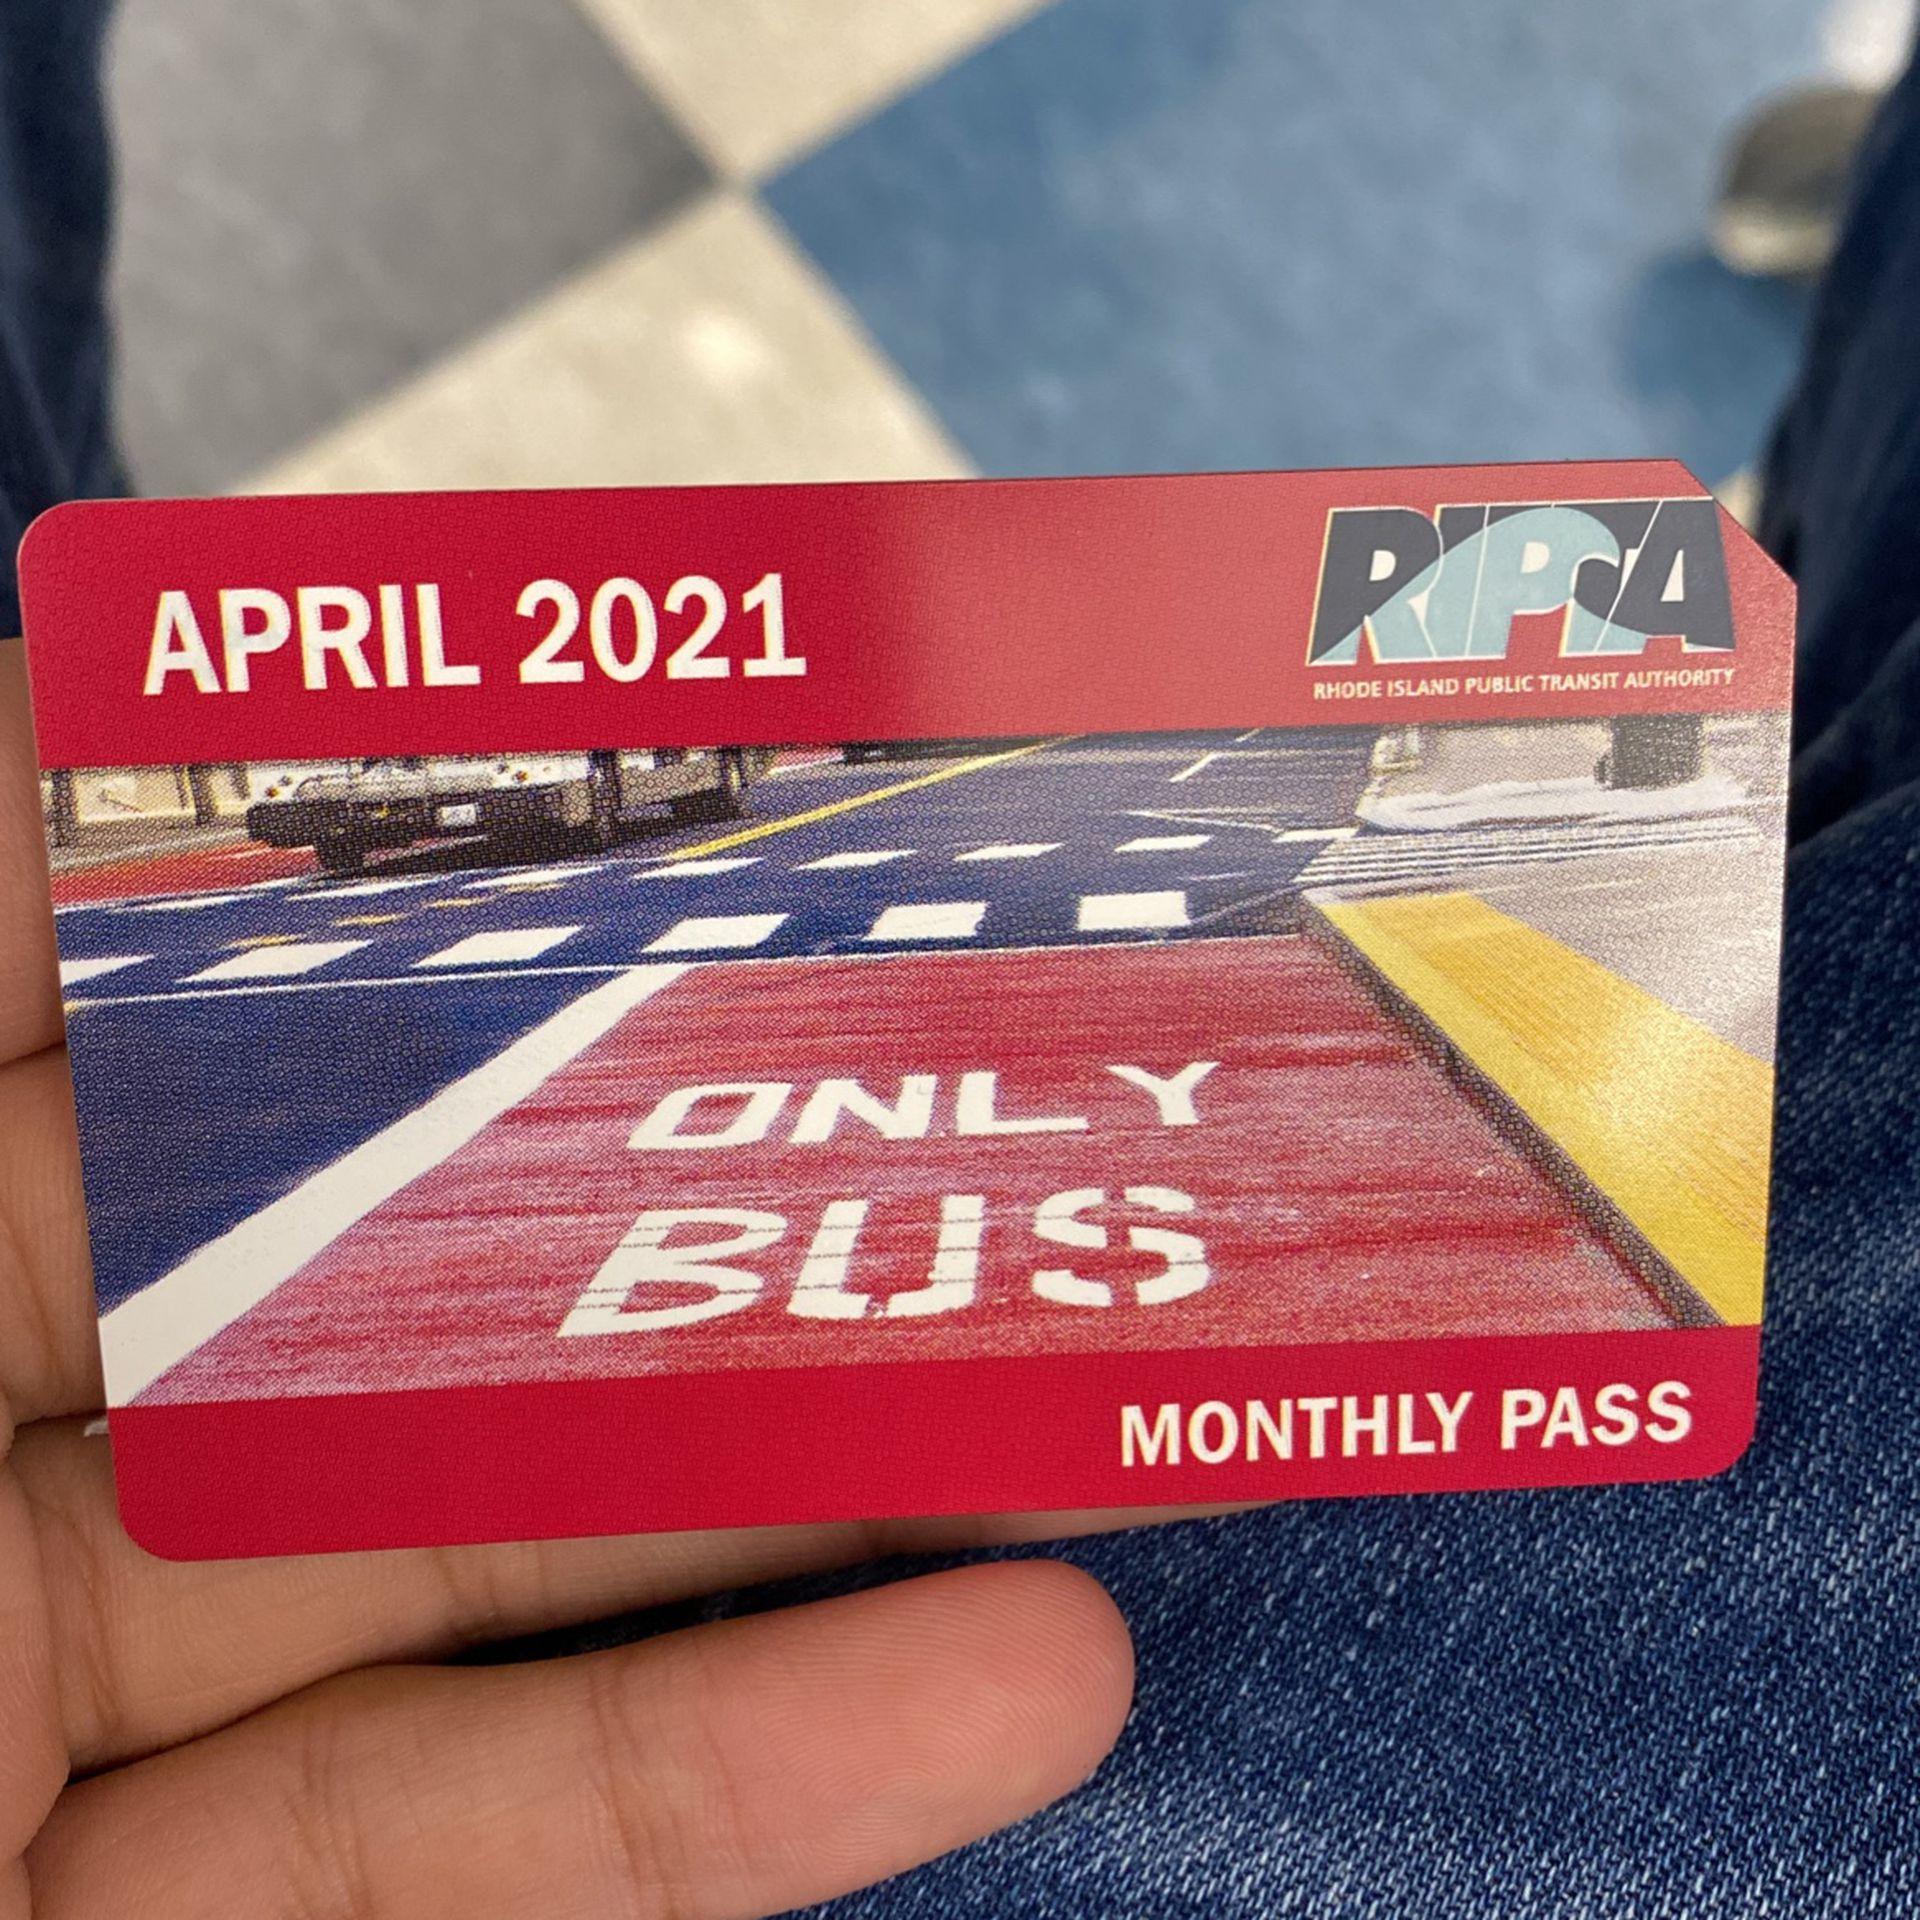 Monthly Ripta Buss Pass April 2021